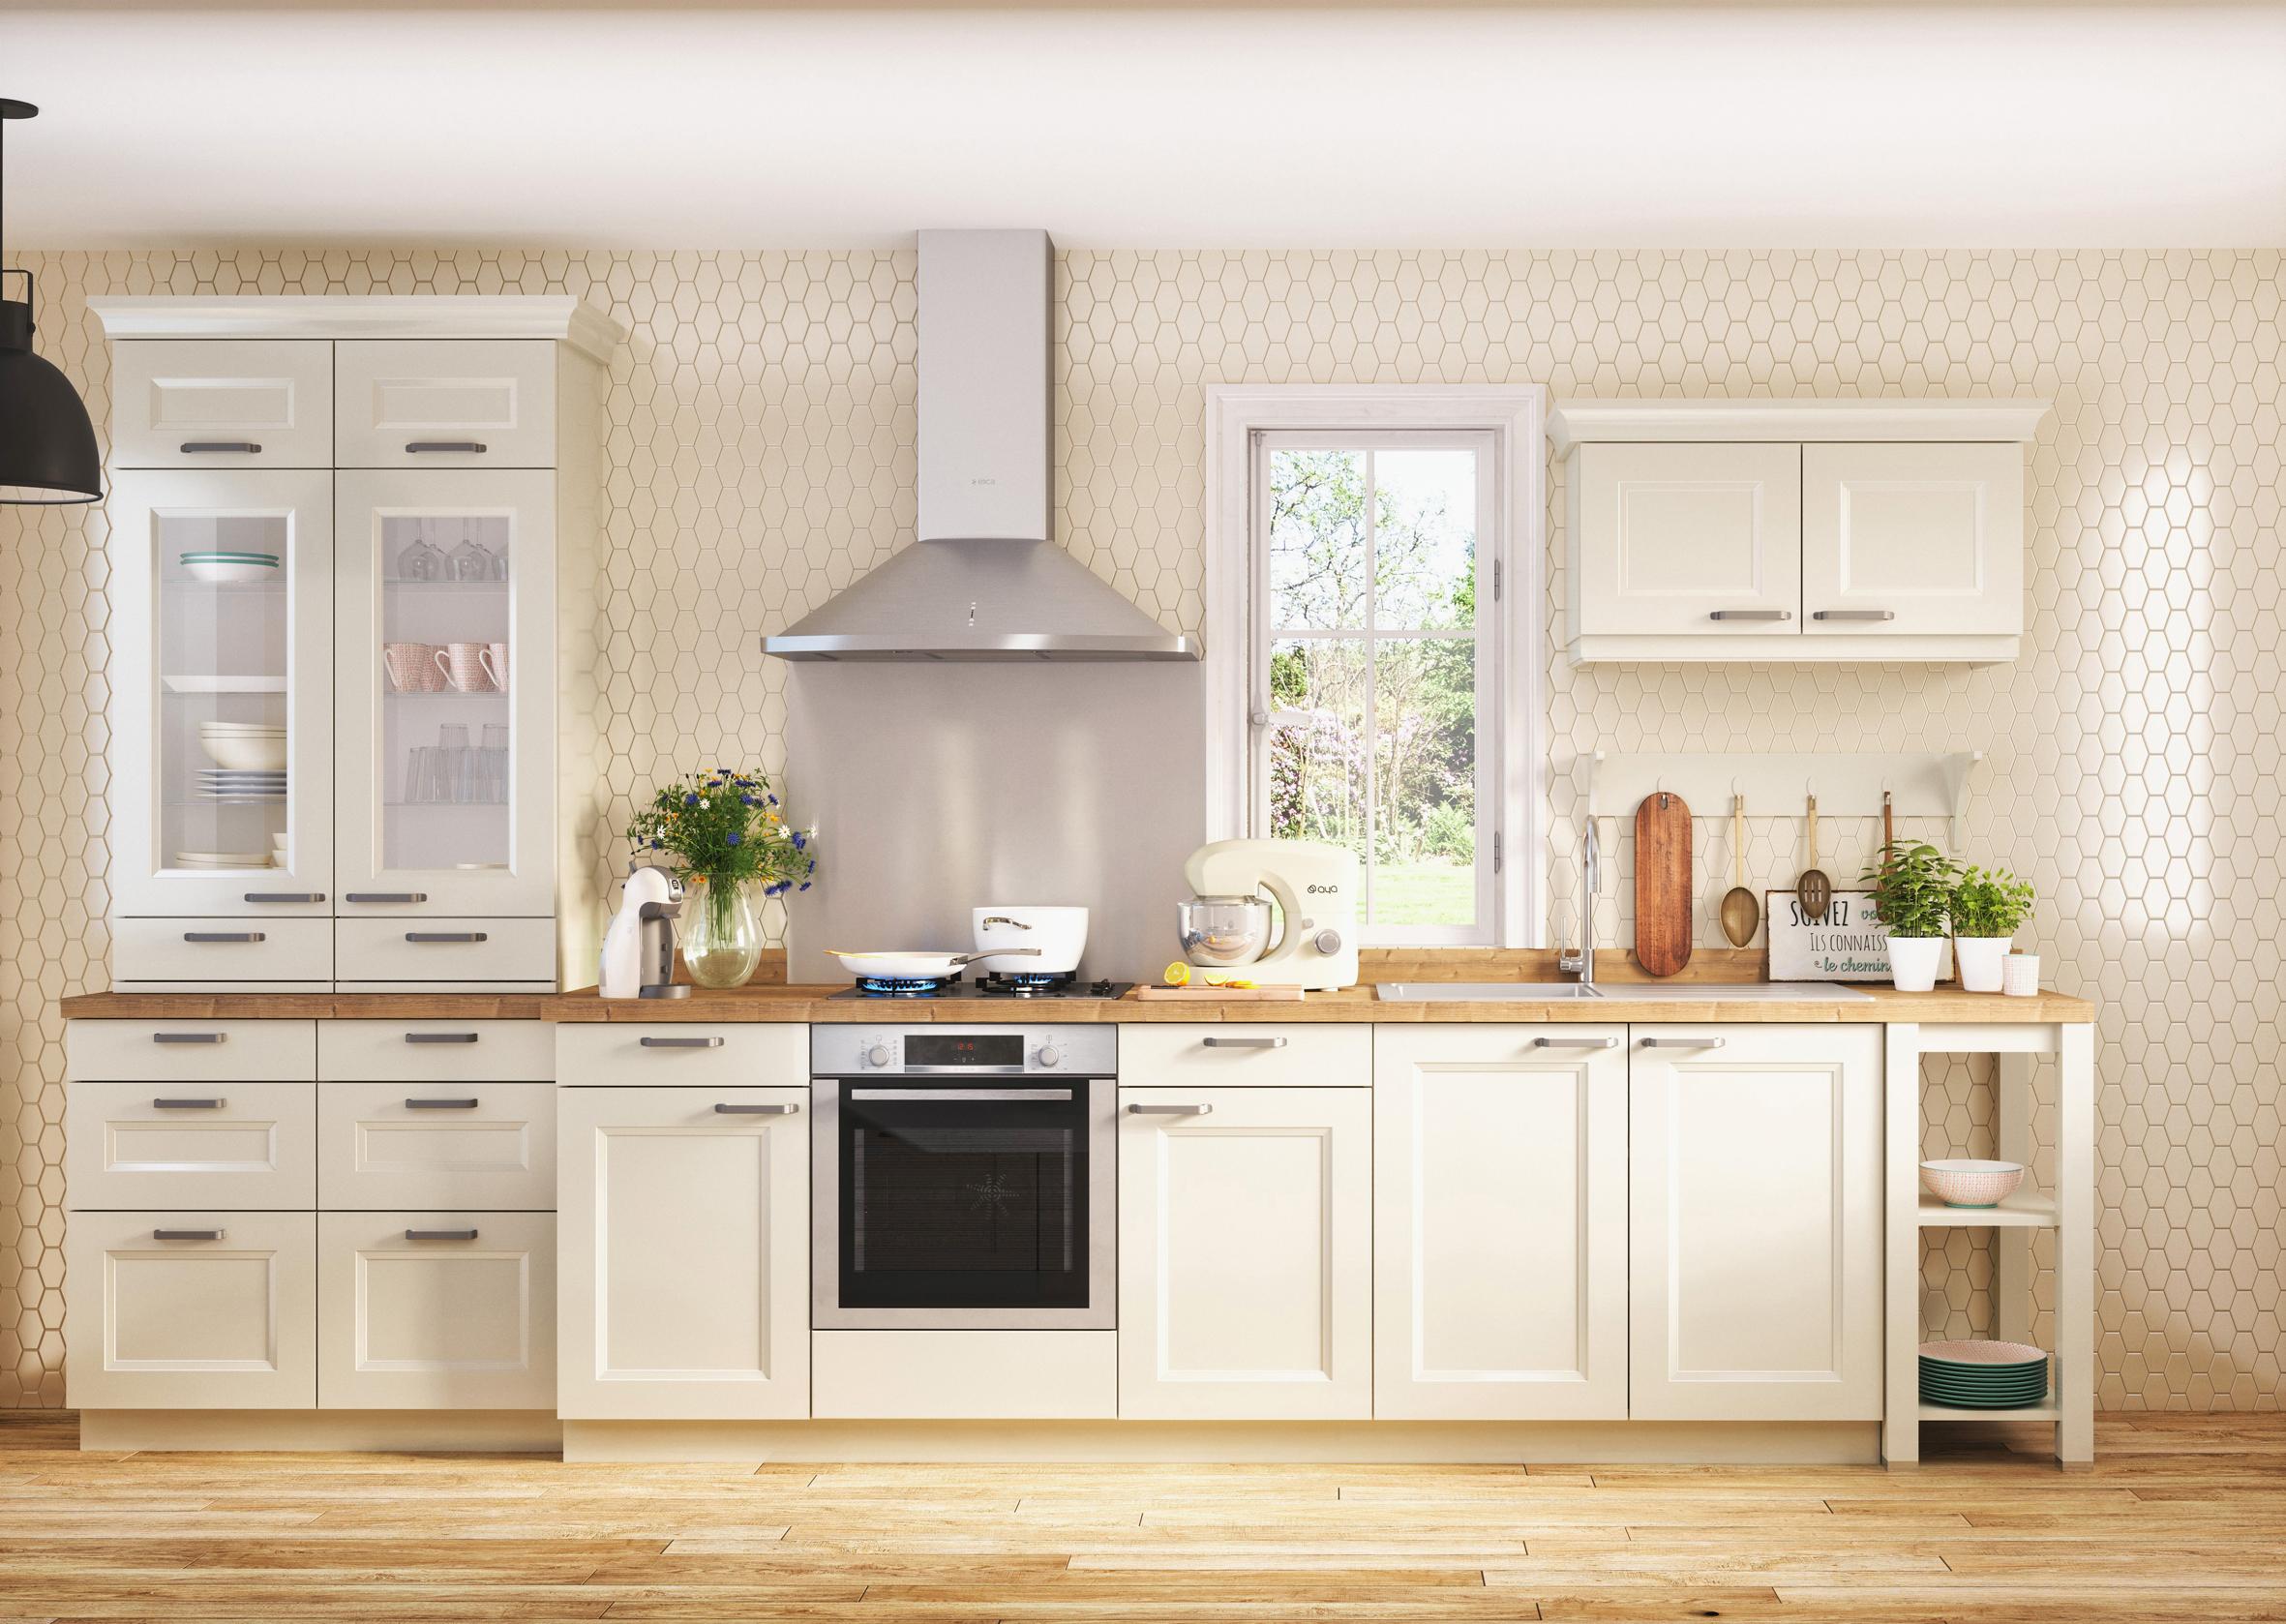 cuisines blanches nos modeles preferes de 2020 femme actuelle